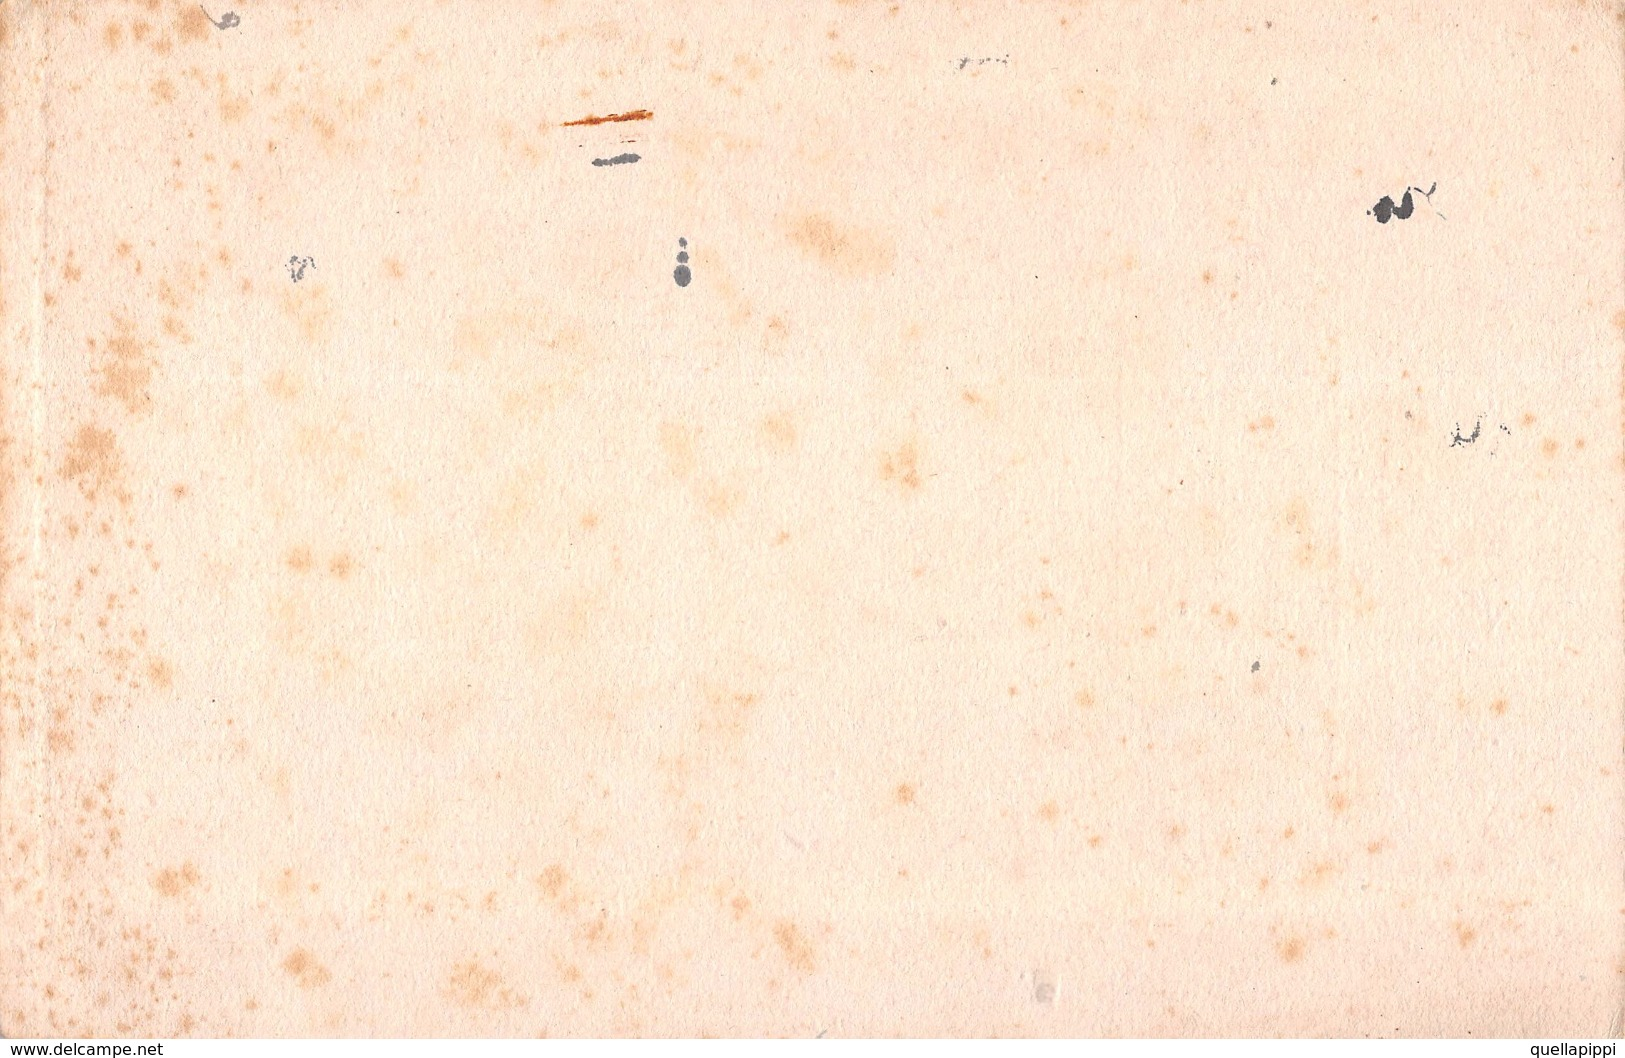 """05653 """"SUPER IRIDE - 48 TINTE SOLIDE SMAGLIANTI DITTA RUGGERO BENELLI  SUPER IRIDE SOC. AN. (S.I.S.A.) - PRATO""""  ORIGIN. - Vestiario & Tessile"""